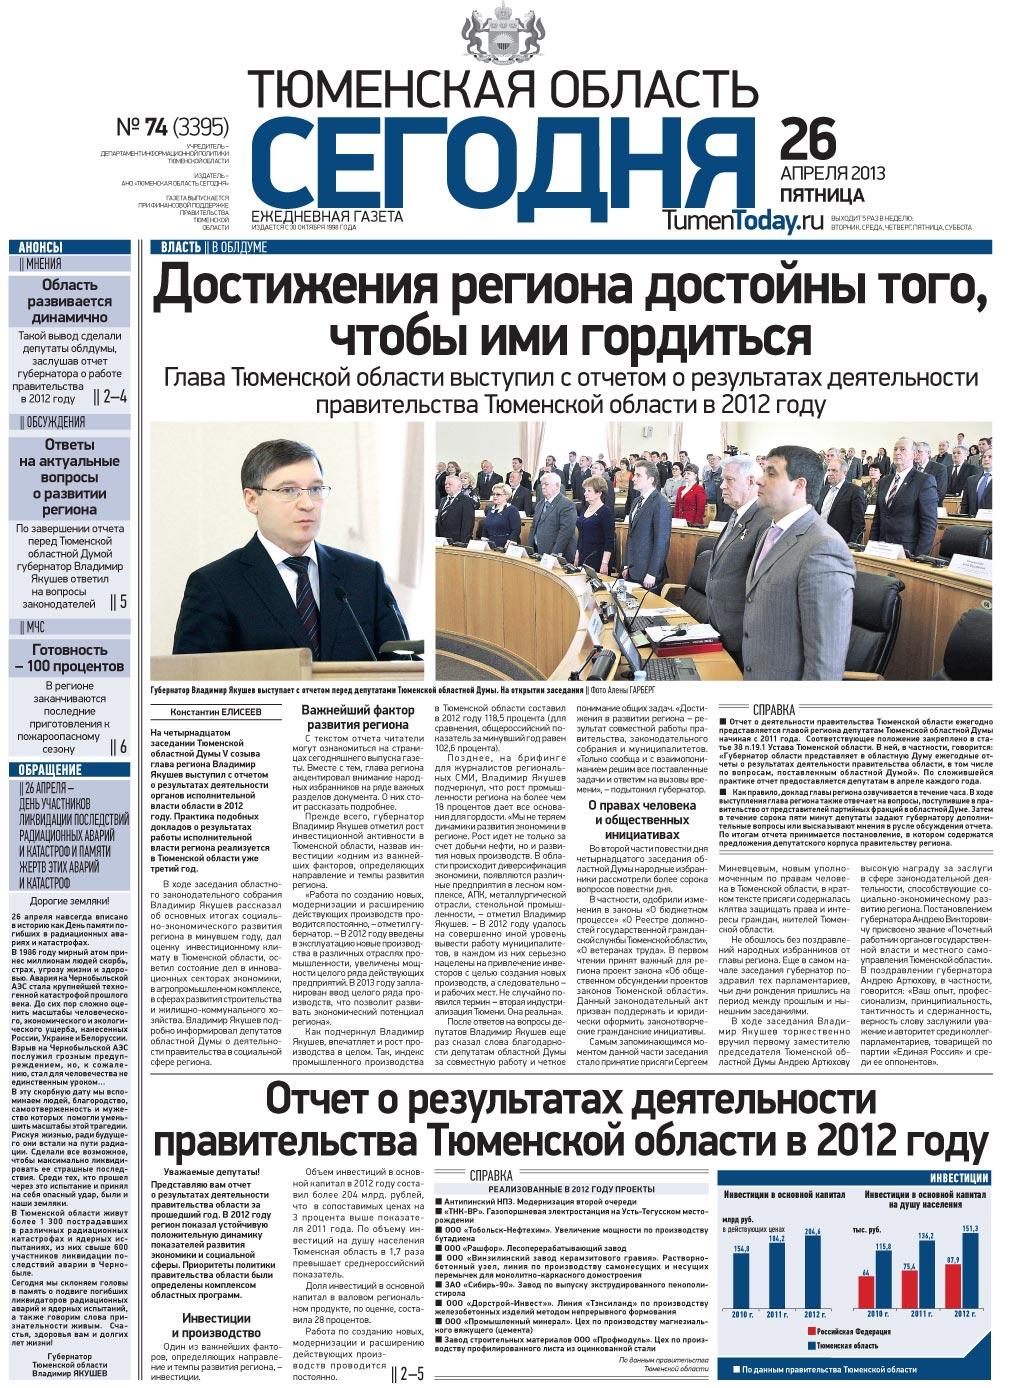 есть работа тюмень газета онлайн Николаевна 2016-12-19 2014